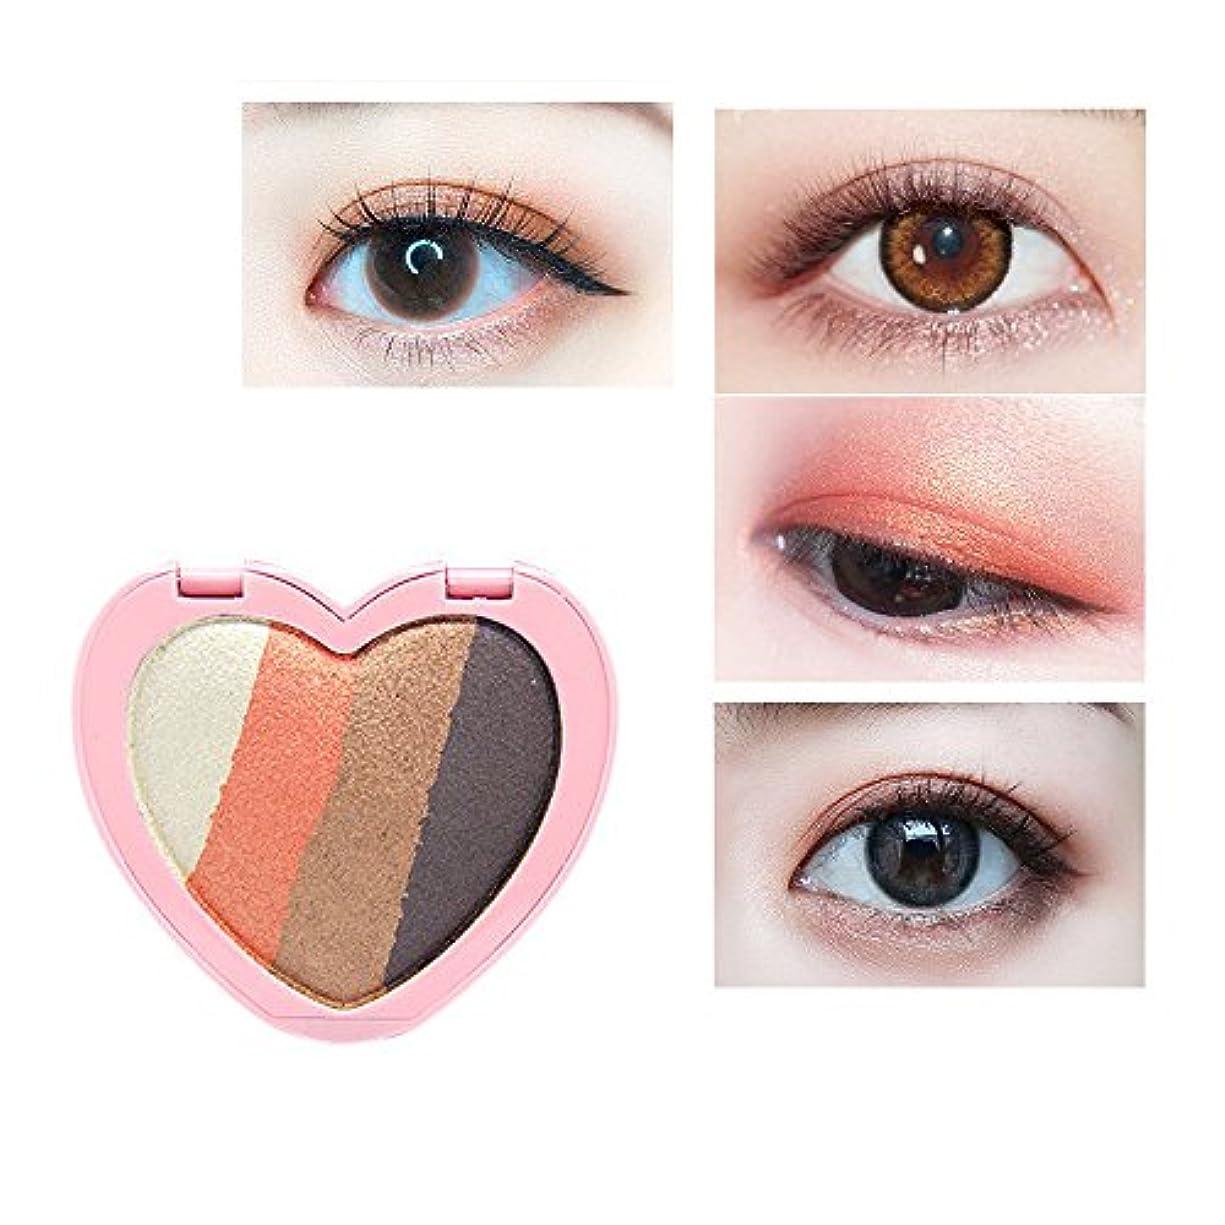 透ける控えるスキップAkane アイシャドウパレット HOJO ファッション 超可愛い 心形 綺麗 素敵 美しい 防水 魅力的 高級 優雅な キラキラ 持ち便利 日常 Eye Shadow (4色) 8009